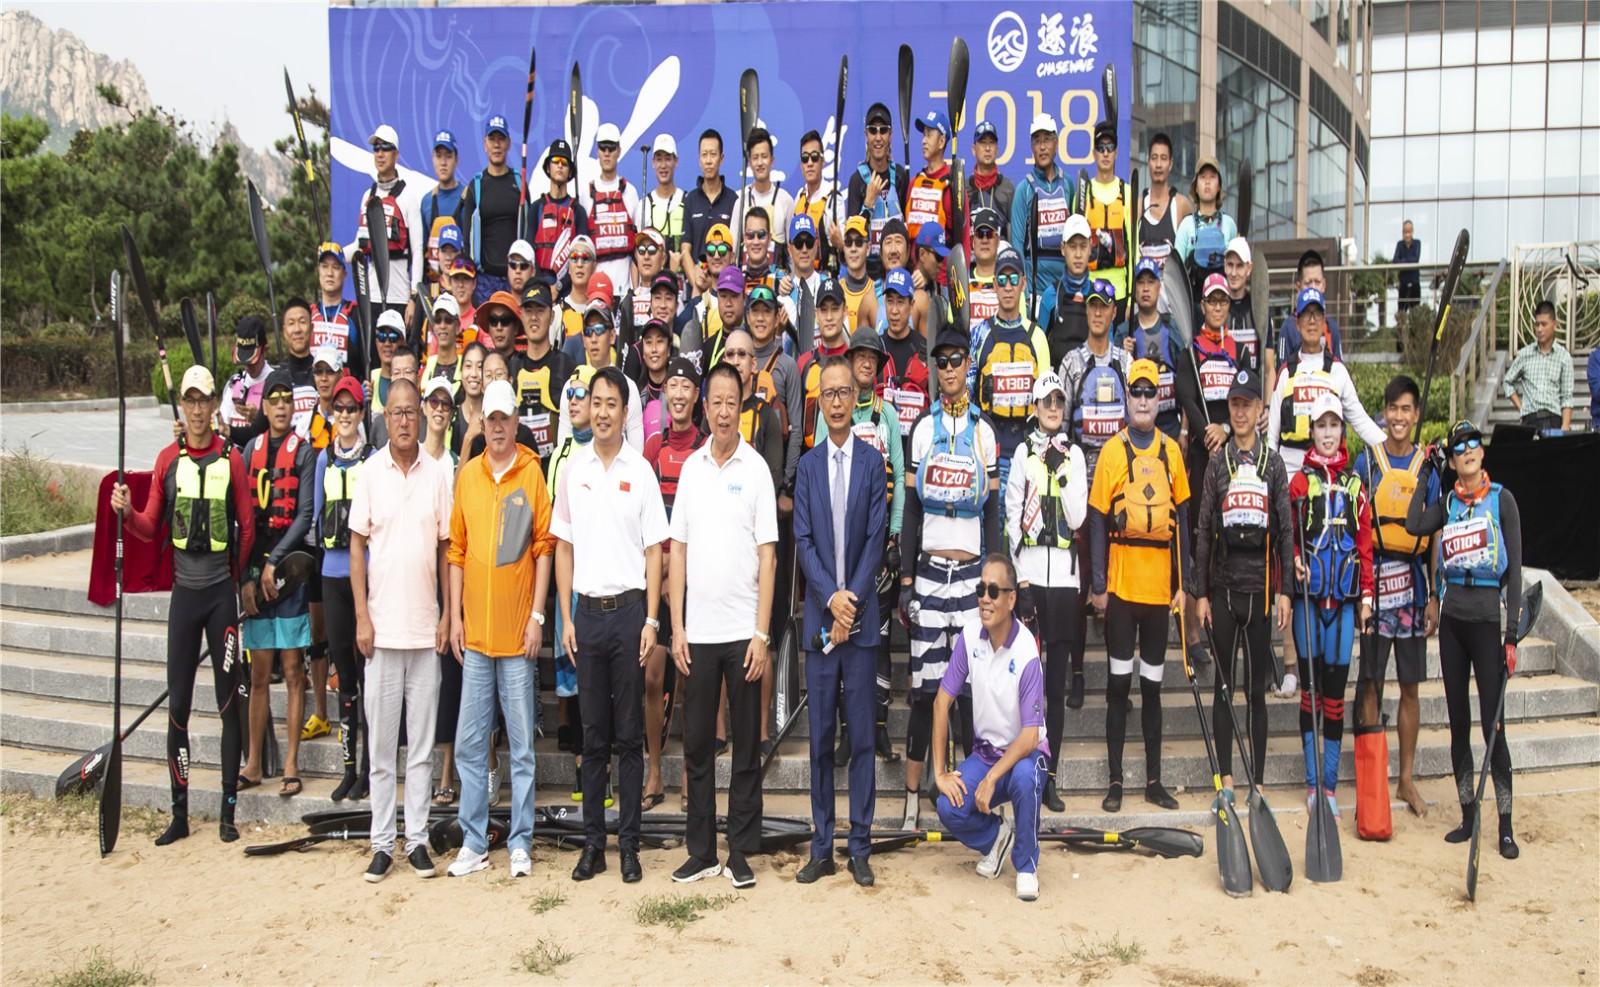 2018青岛国际皮划艇桨板竞速邀请赛开赛。